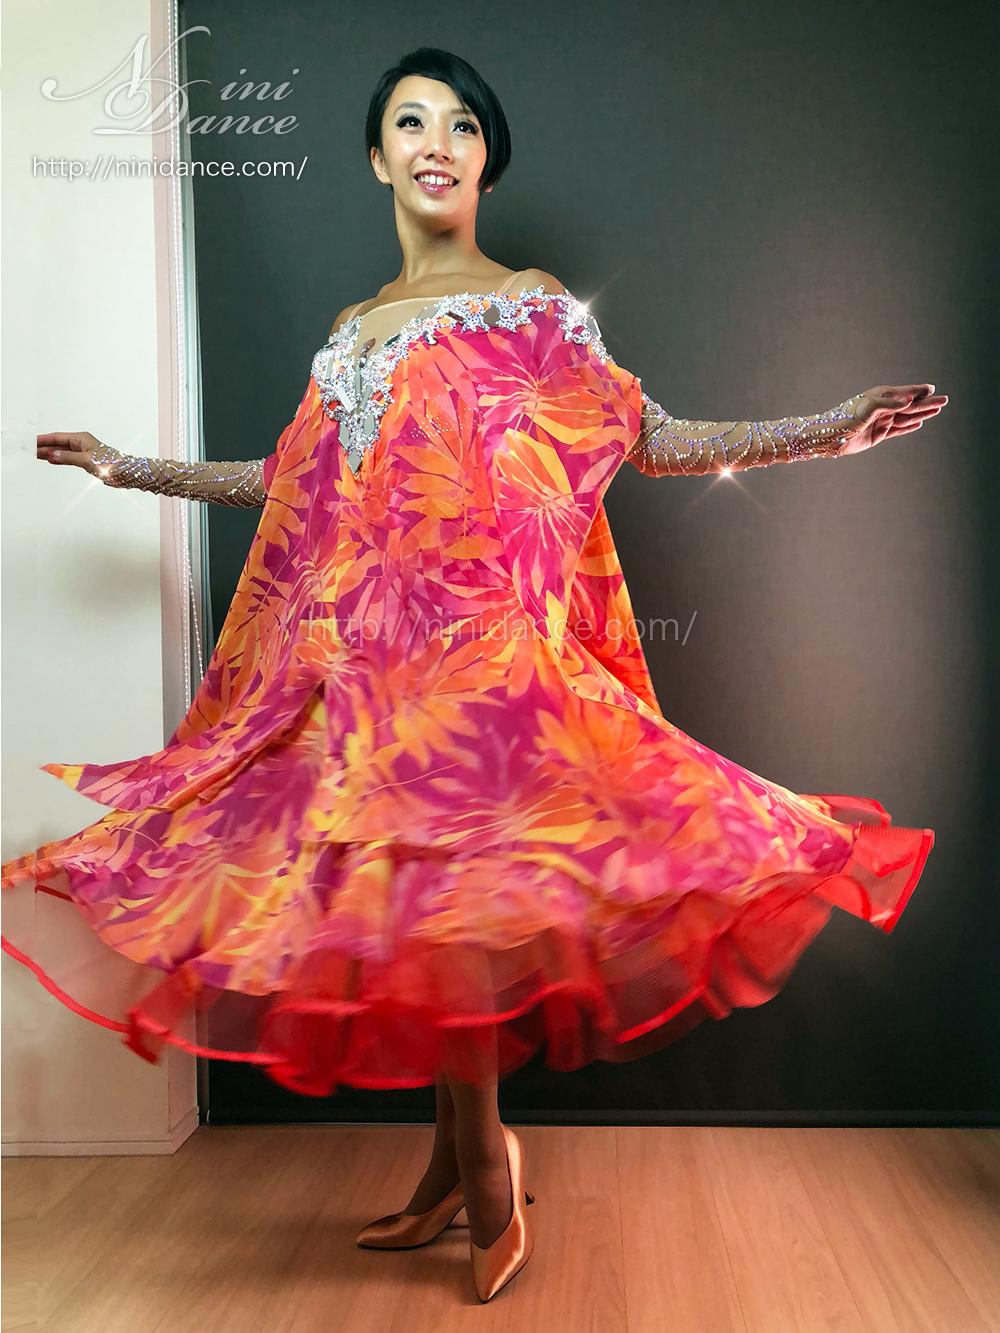 d54d12b465f5f 社交ダンスウェアNiniDance D765紅葉色彩のオーラで魅せる秋風情のモダン ...